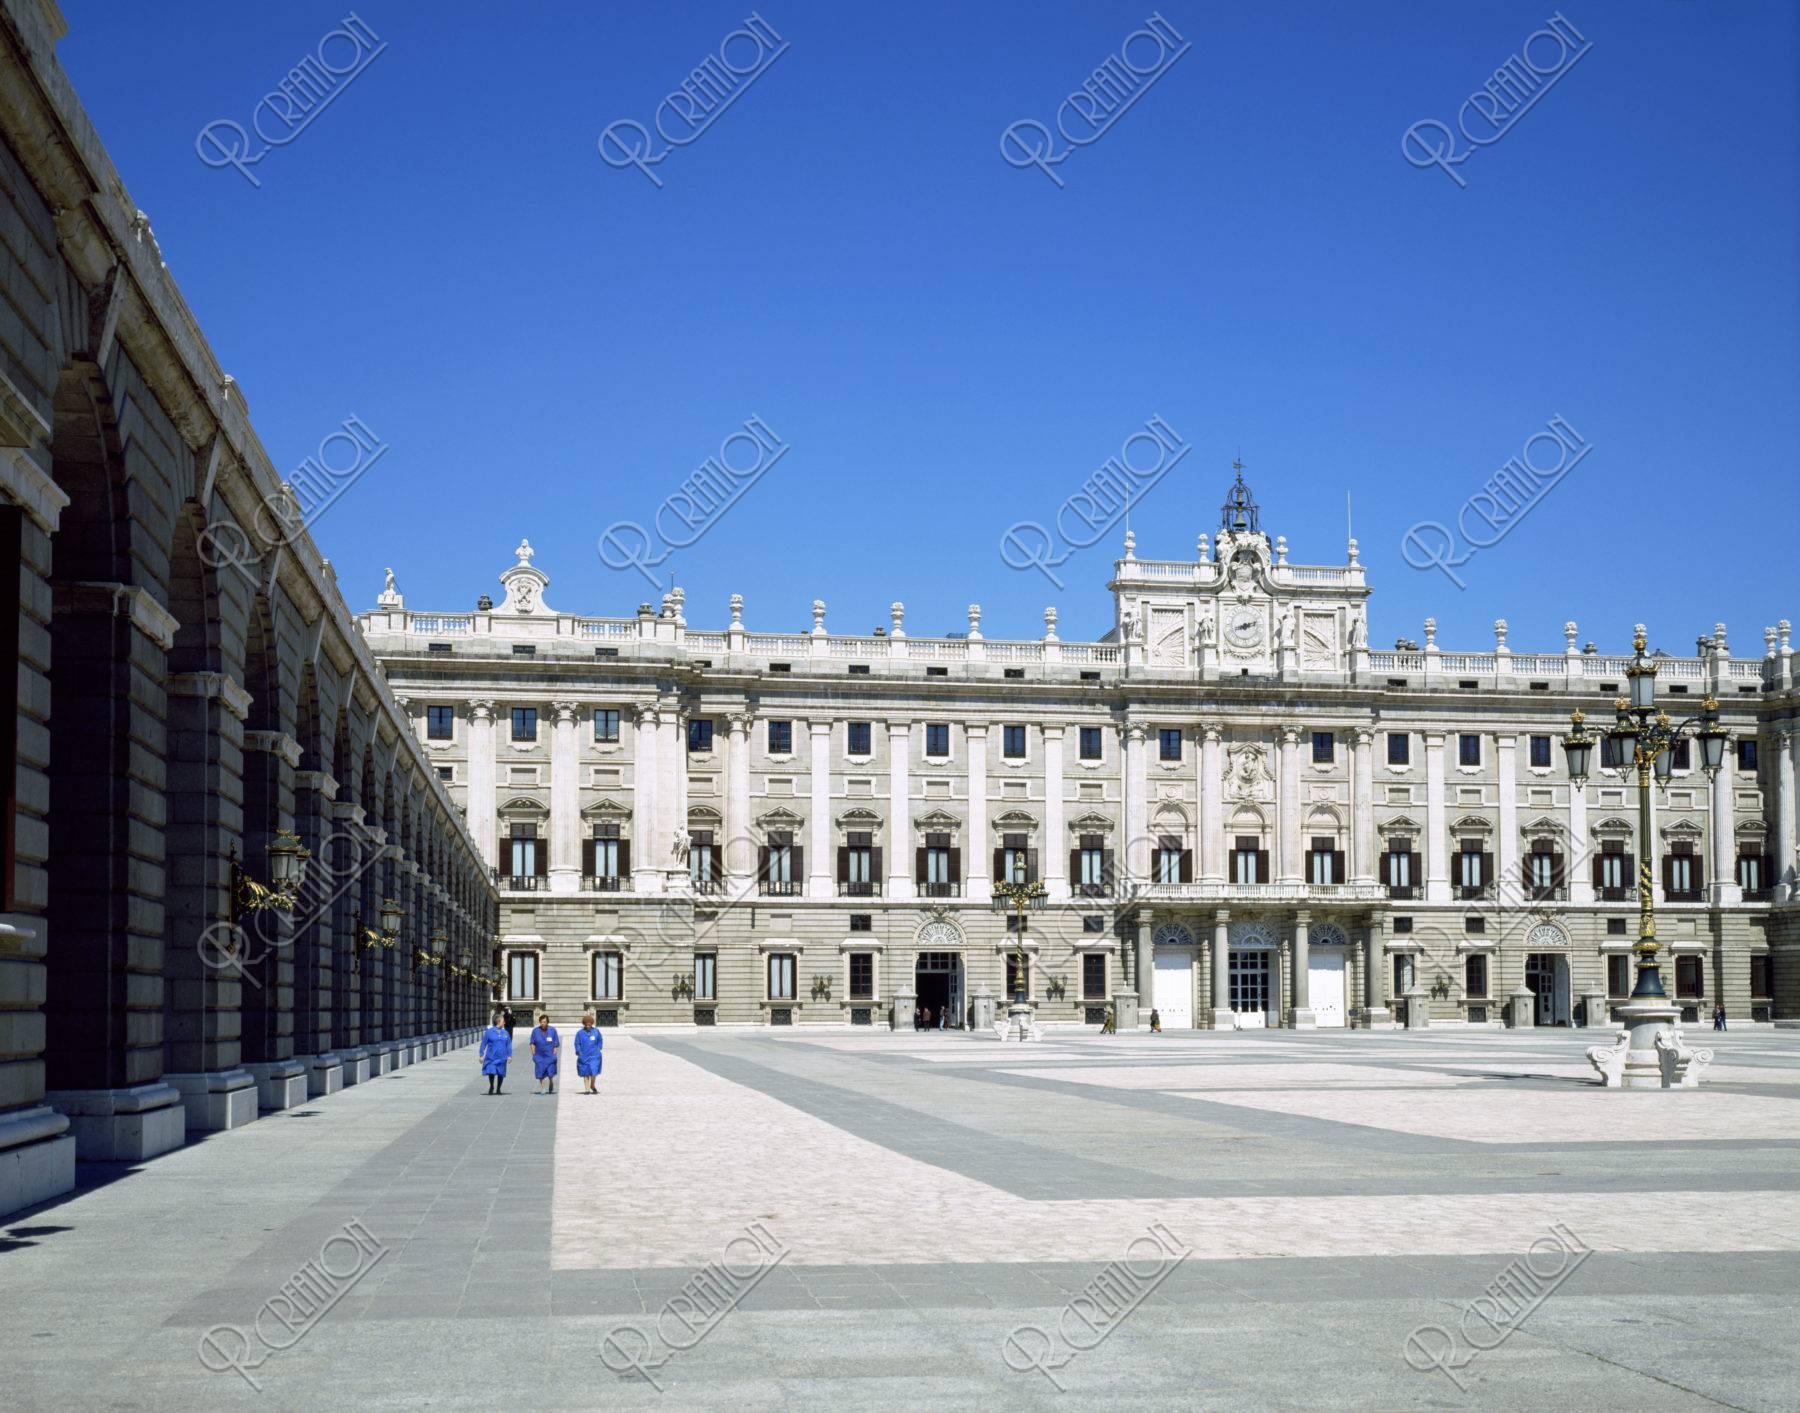 王宮 マドリード スペイン